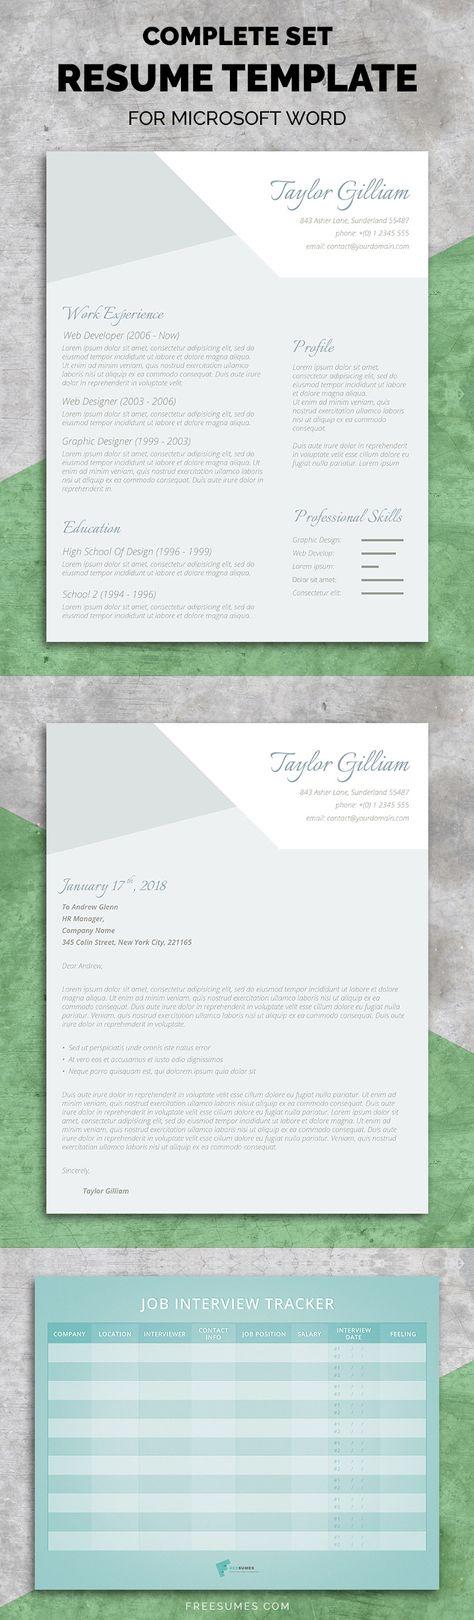 Elegant Resume Template Cover Letter Resume Templates $1500 - resume templates in word 2018